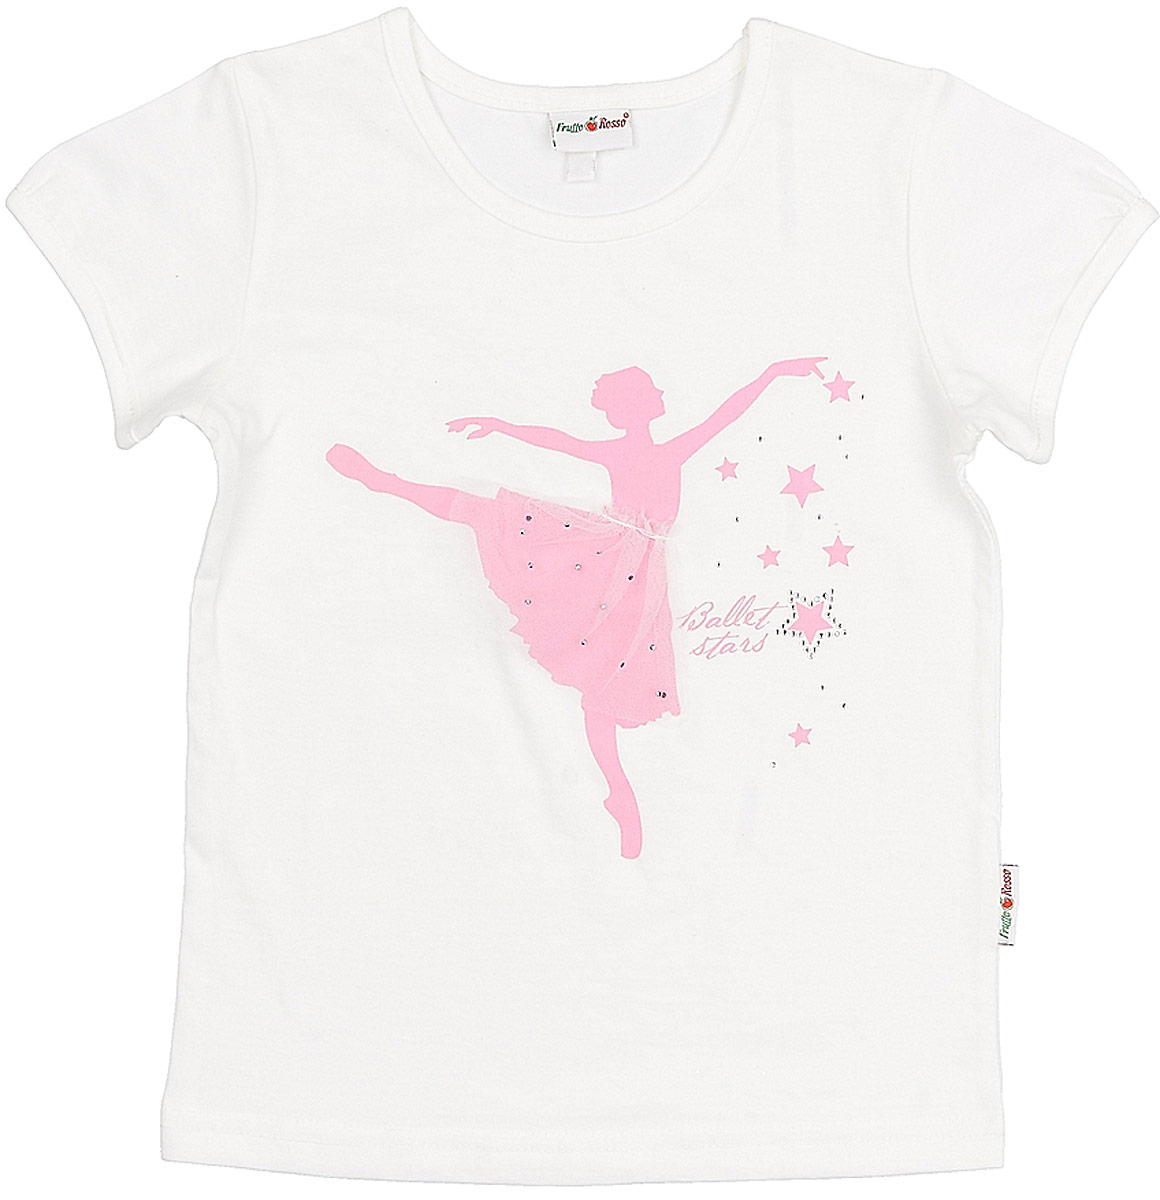 Футболка для девочки Frutto Rosso, цвет: белый. FRG72134. Размер 122 брюки джинсы и штанишки frutto rosso брюки для девочки